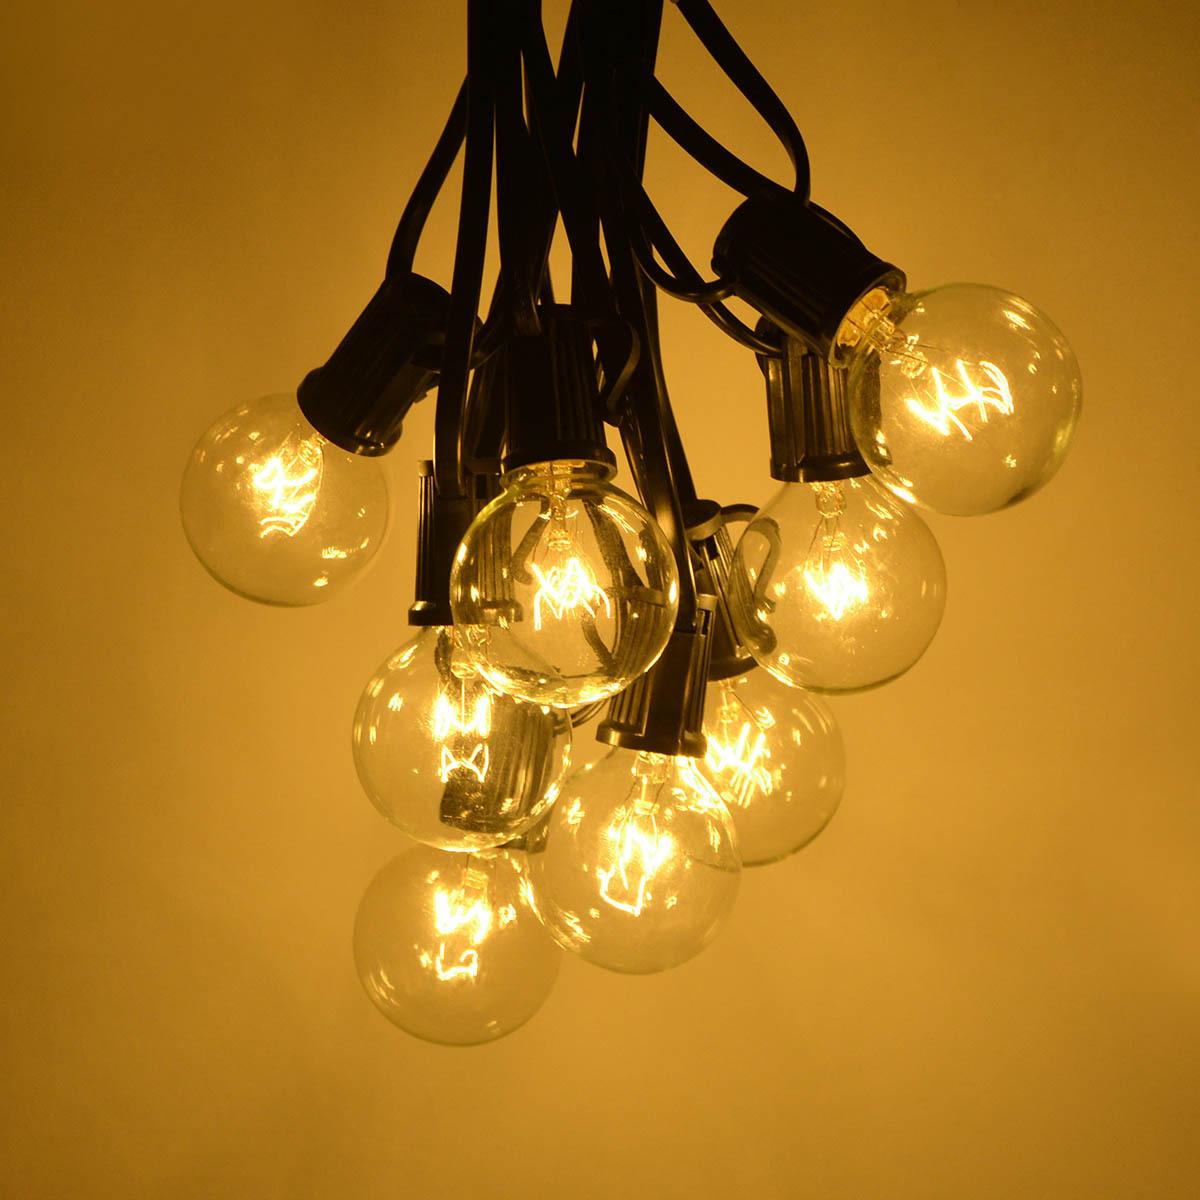 跨境现货G40灯串 220V钨丝灯泡防雨户外圣诞节日装饰灯串